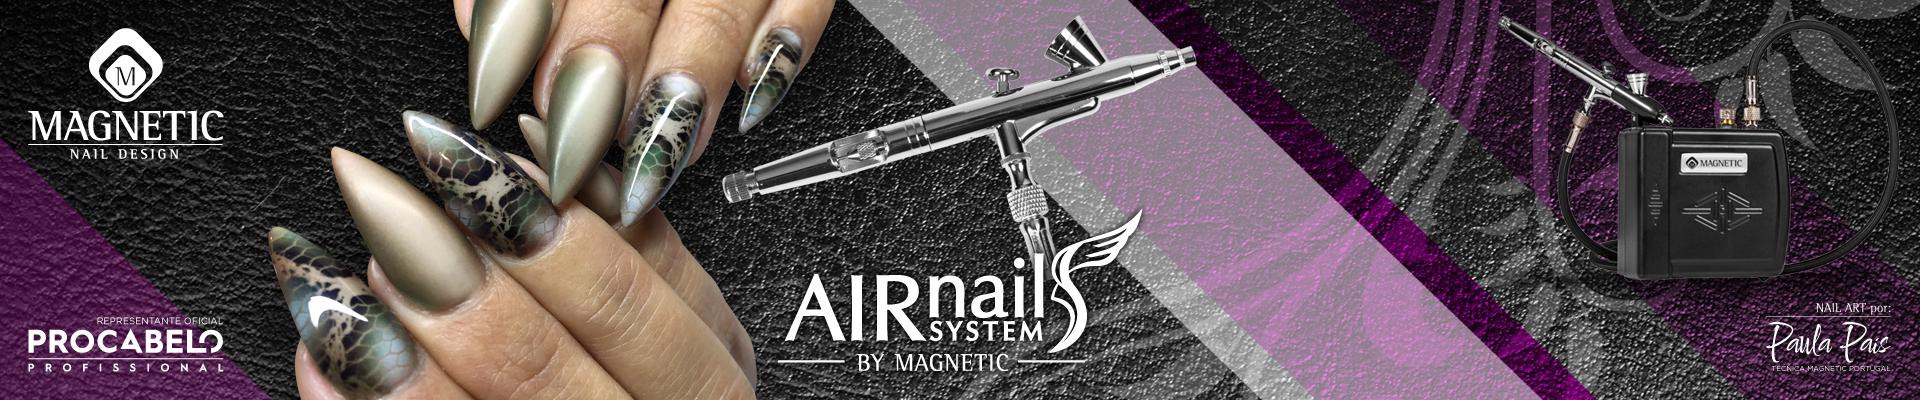 AIRNAILS Magnetic